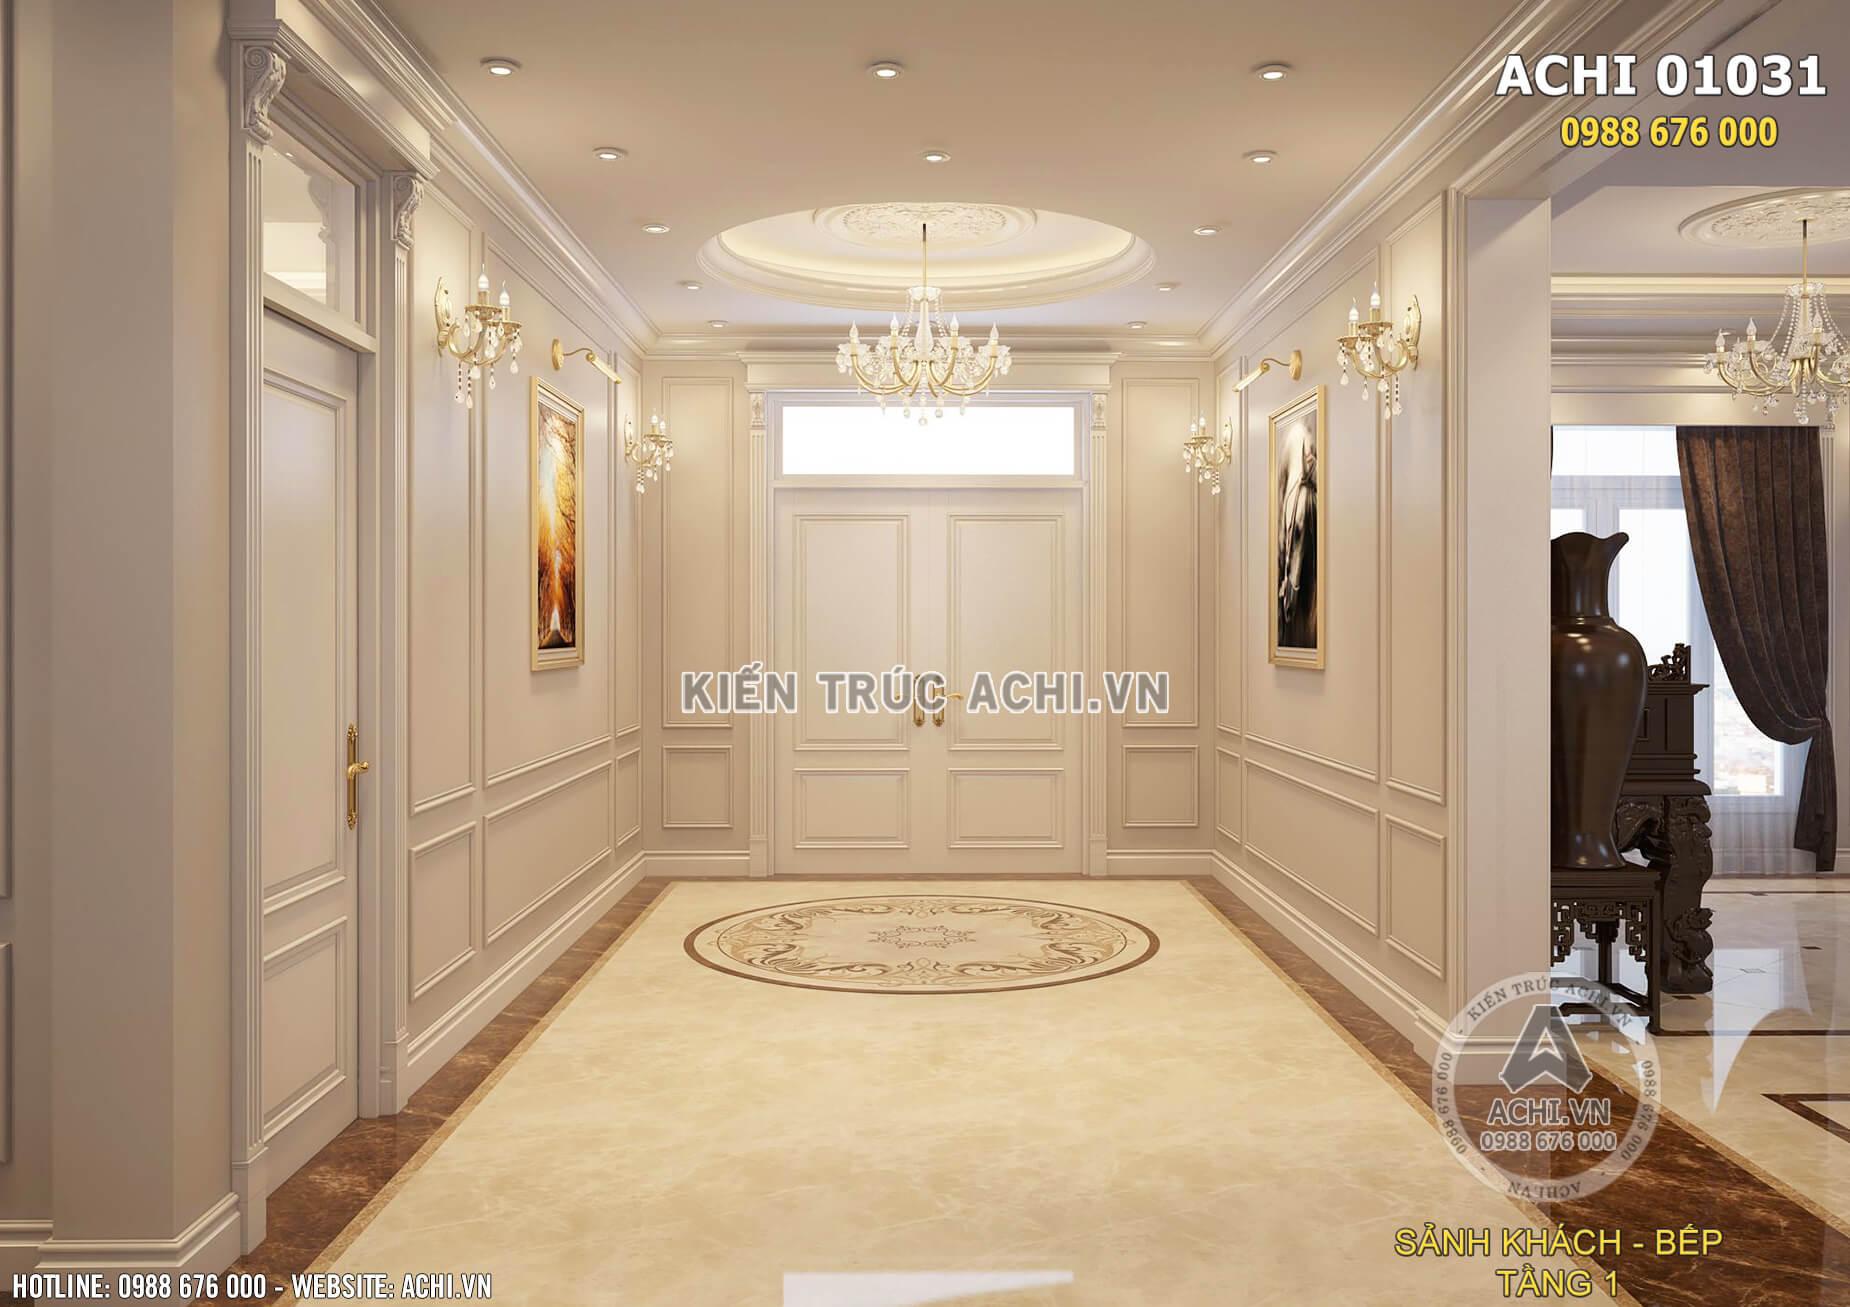 Hệ thống sảnh tại giữa phòng khách và phòng bếp của ngôi biệt thự